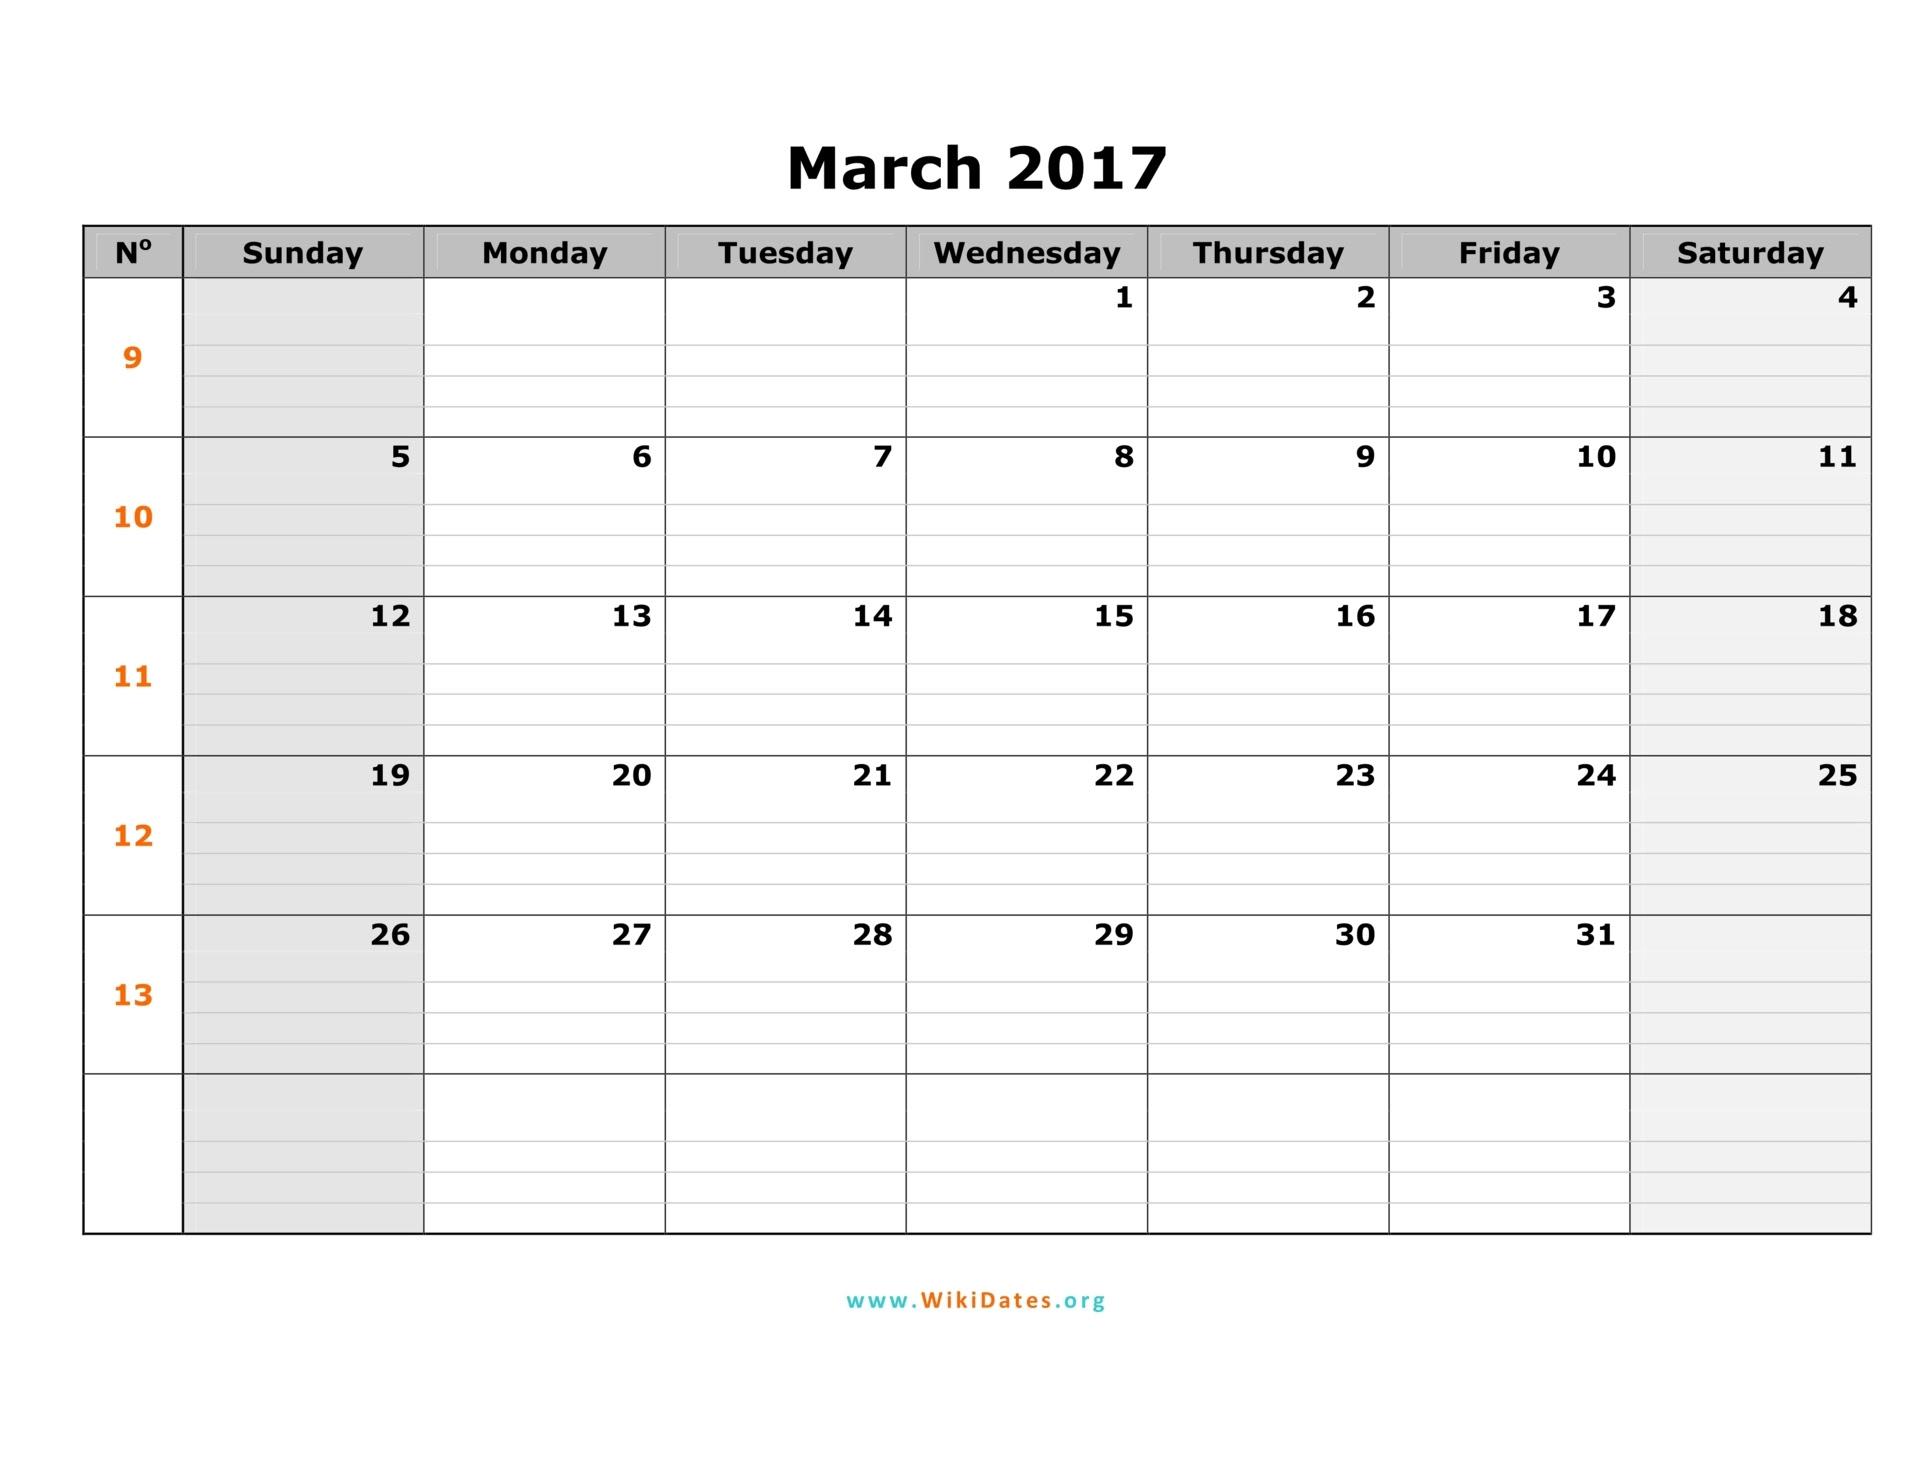 March calendar 2017 template pdf